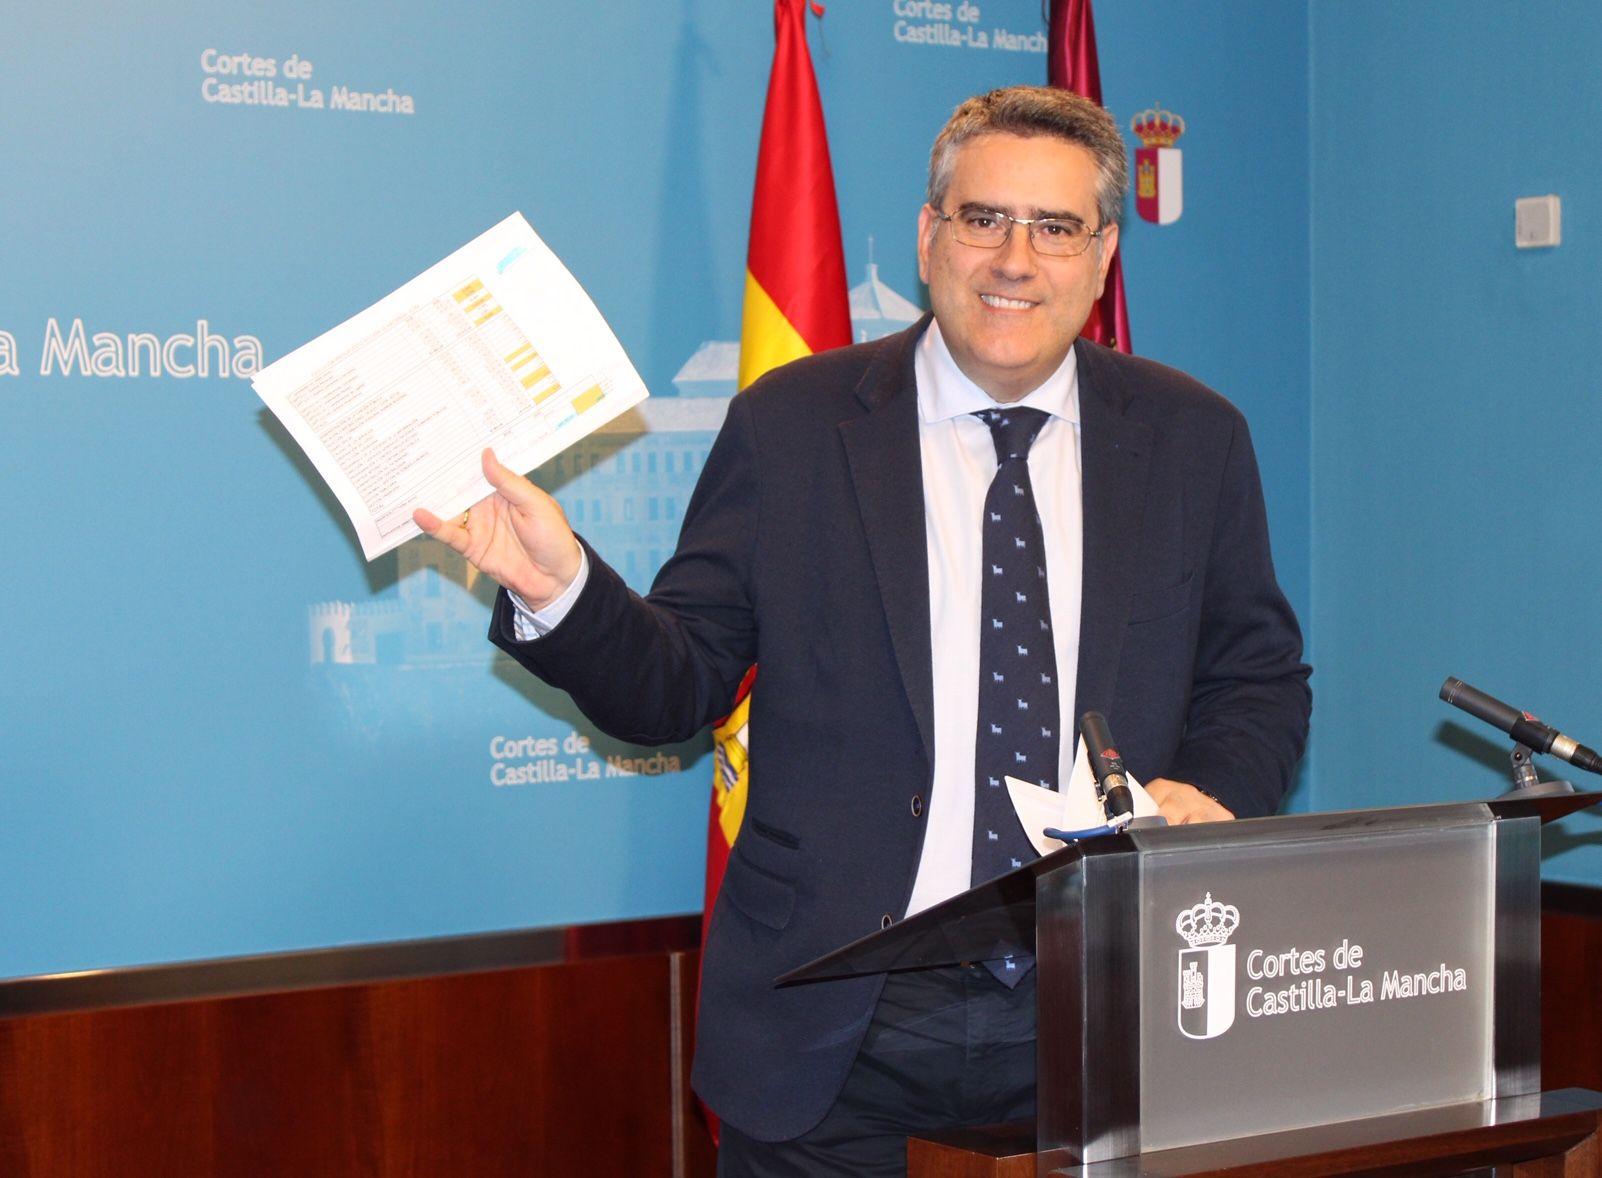 El presupuesto de Castilla-La Mancha y la voracidad fiscal de García-Page